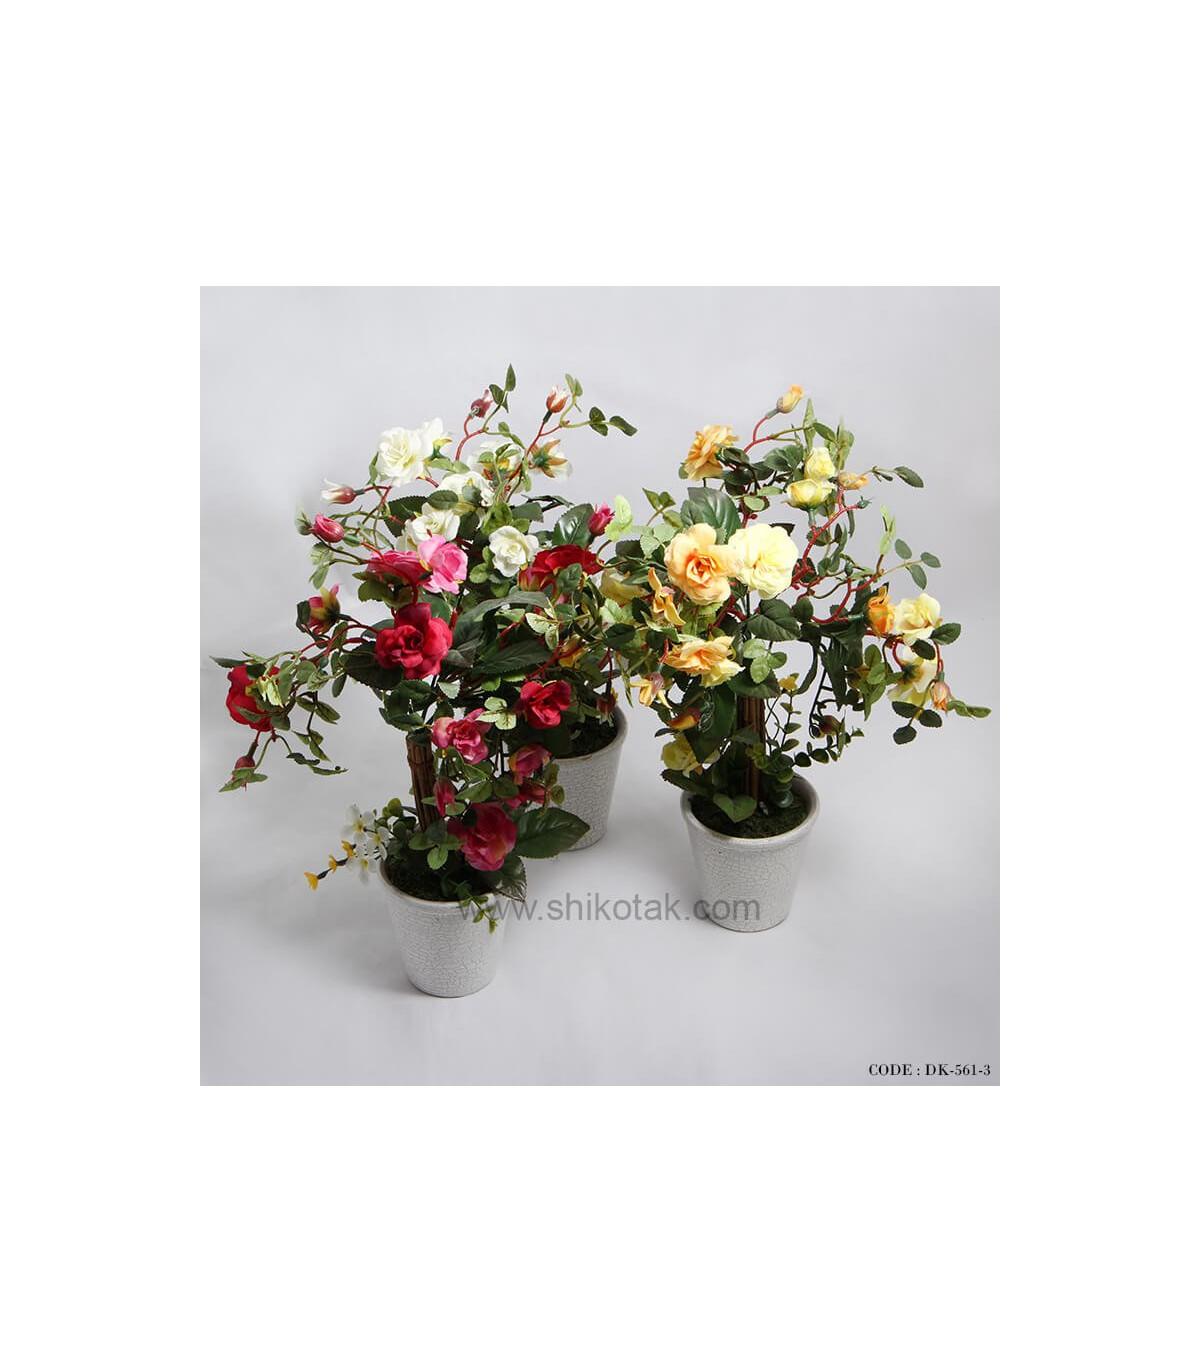 گل رز مصنوعی شیک